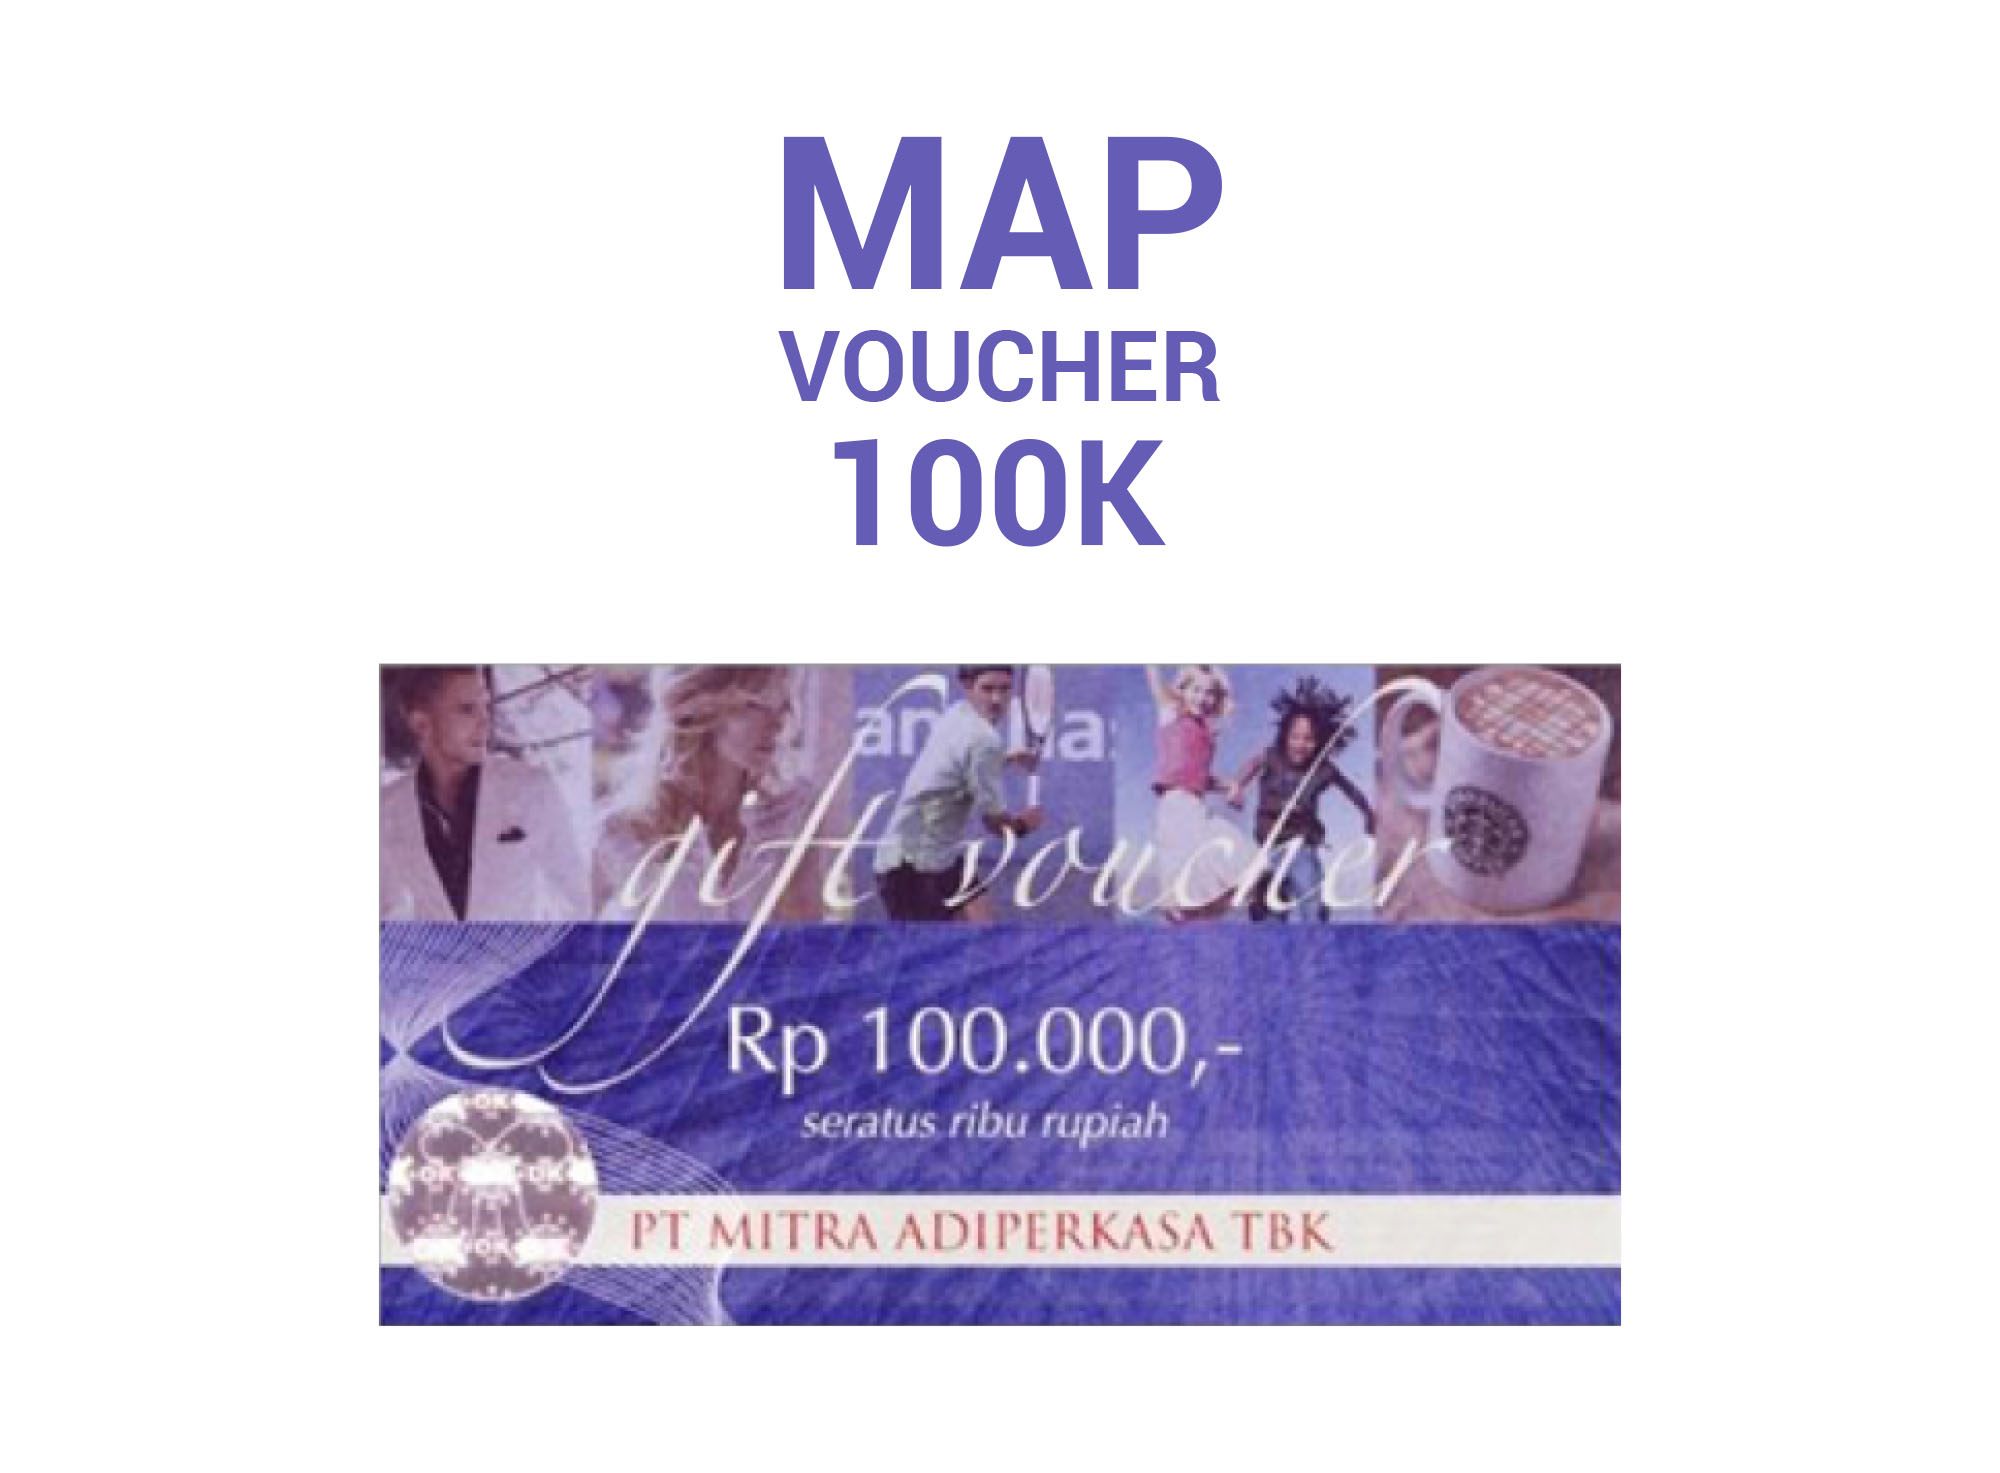 Map Gift Voucher 1000000 Daftar Update Harga Terbaru Indonesia 7 Lembar 100 Rb Jual Paket Hemat 10buah